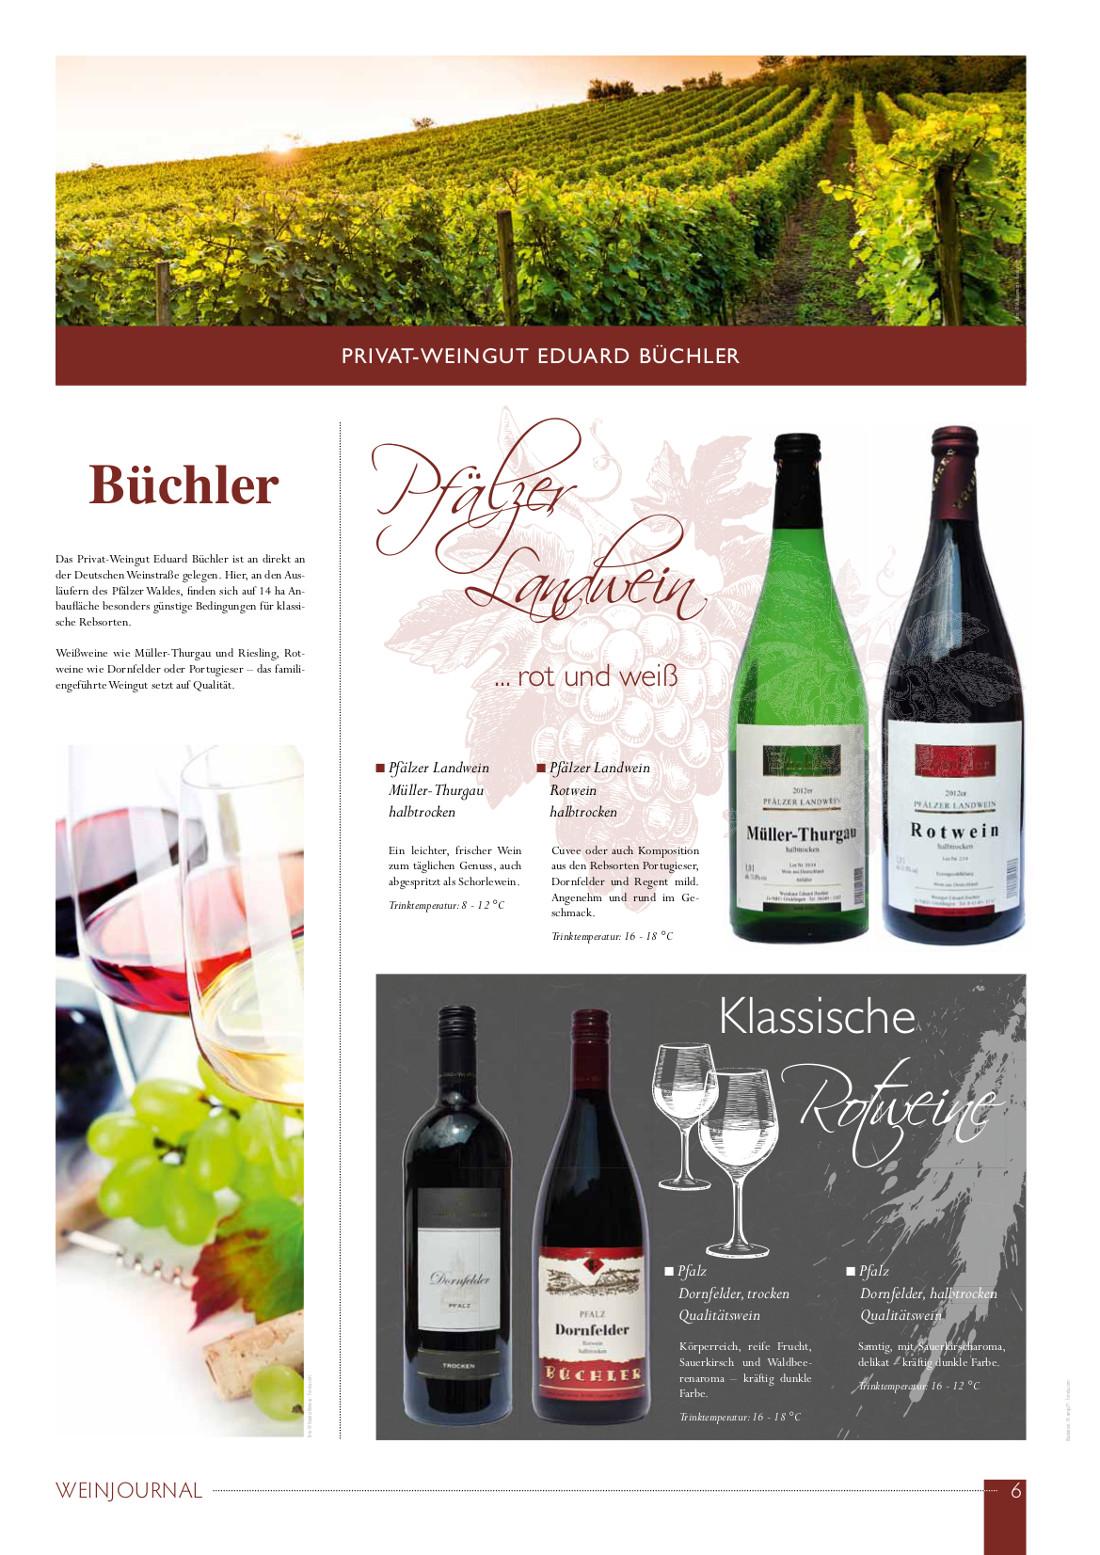 Weinjournal Weingut Büchler in Göcklingen